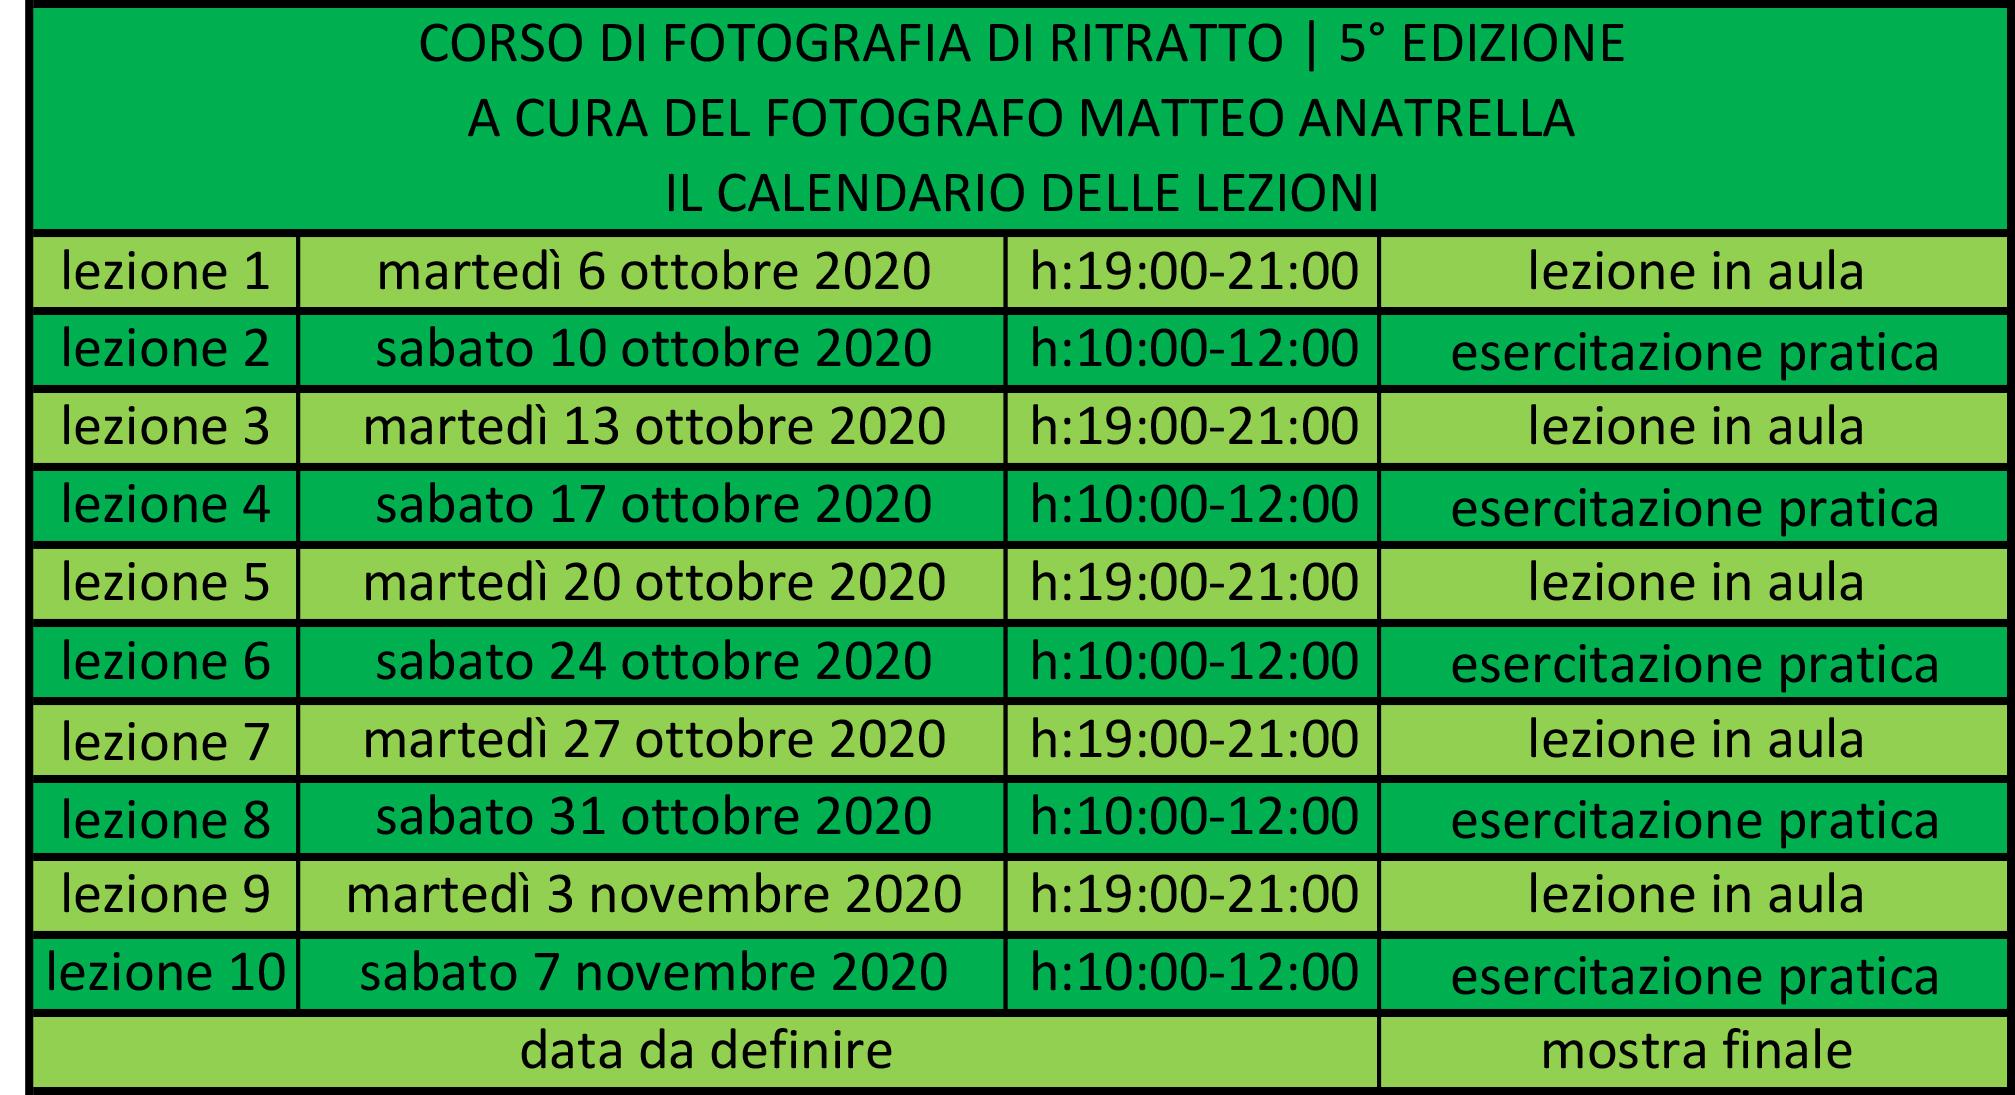 Il calendario del corso di fotografia di ritratto a Napoli